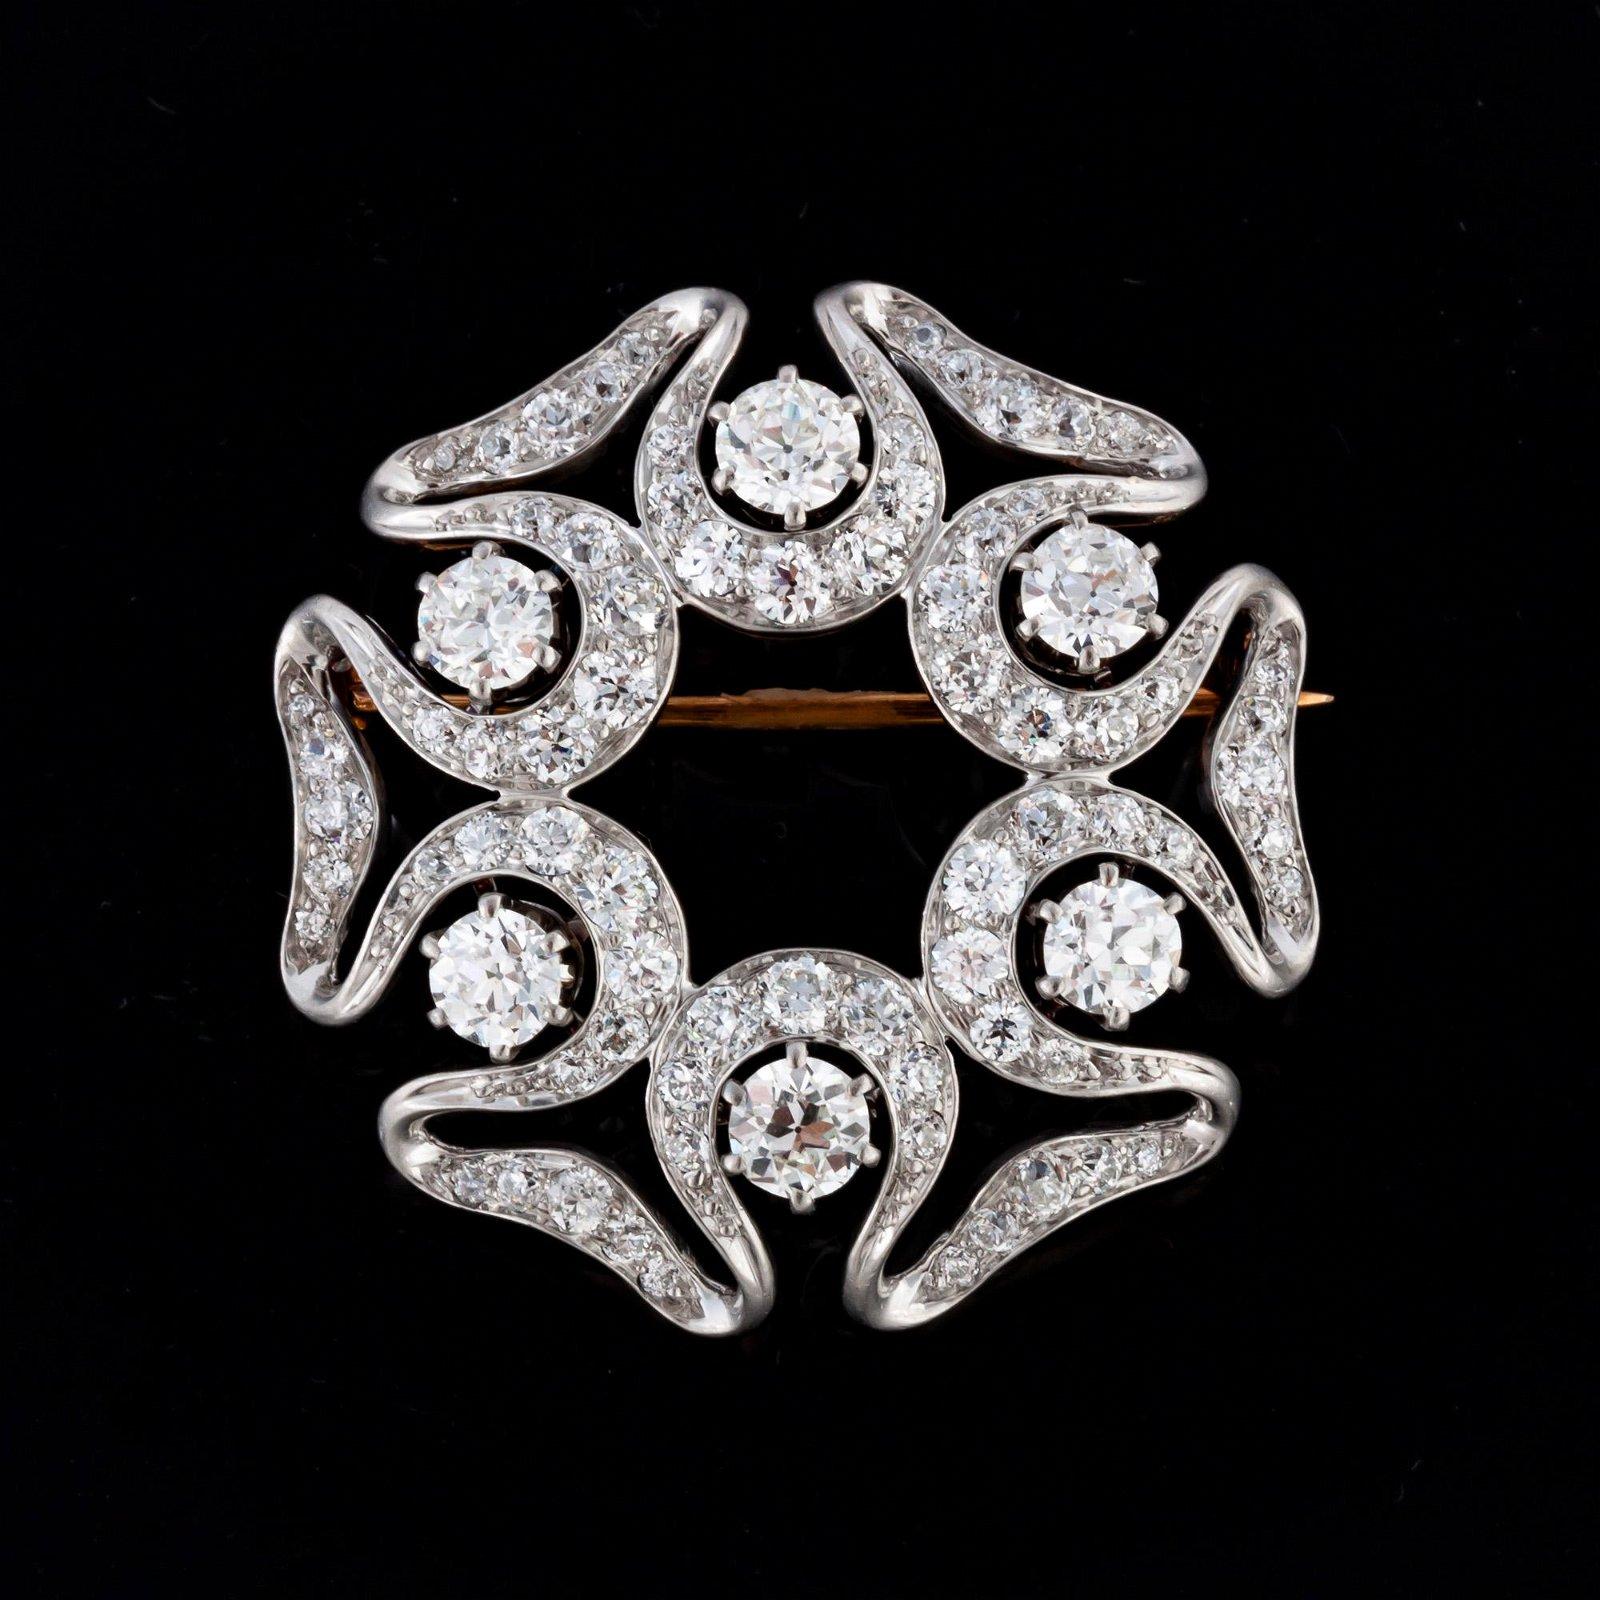 Tiffany & Co. Platinum Vintage Art Nouveau Brooch